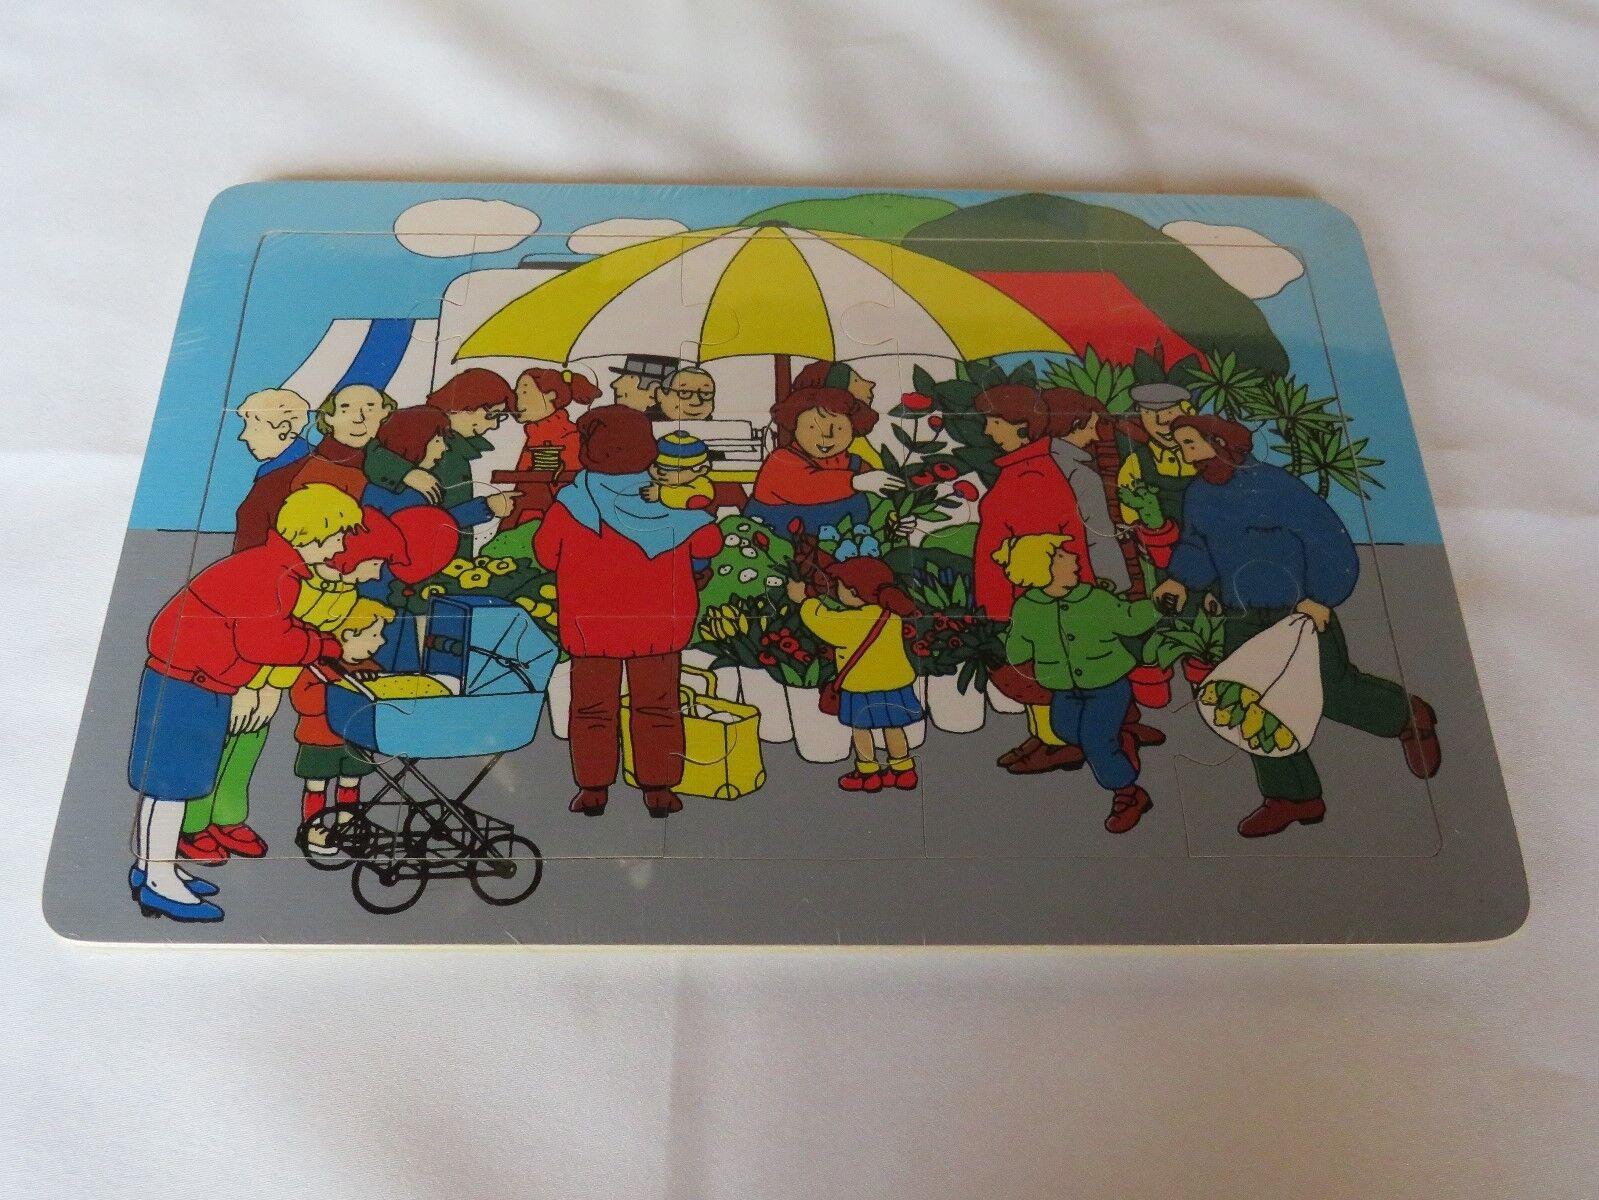 Puzzle dem Holz Holzpuzzle Rahmenpuzzle - 15 Teile - Auf dem Puzzle Markt - NEU 5735c6